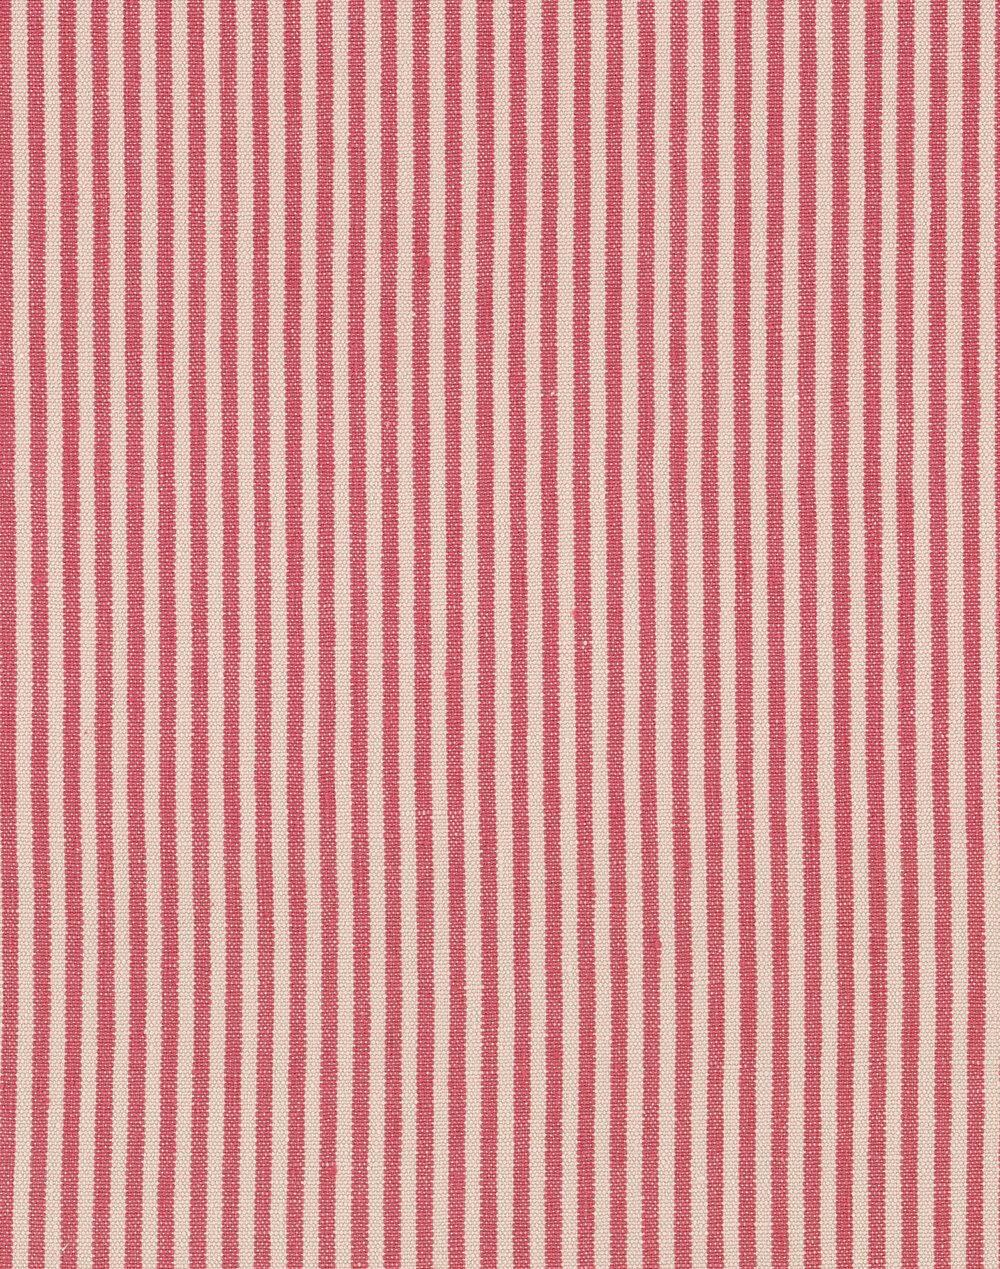 Rhubarb Stripe Fabric - by Mind the Gap